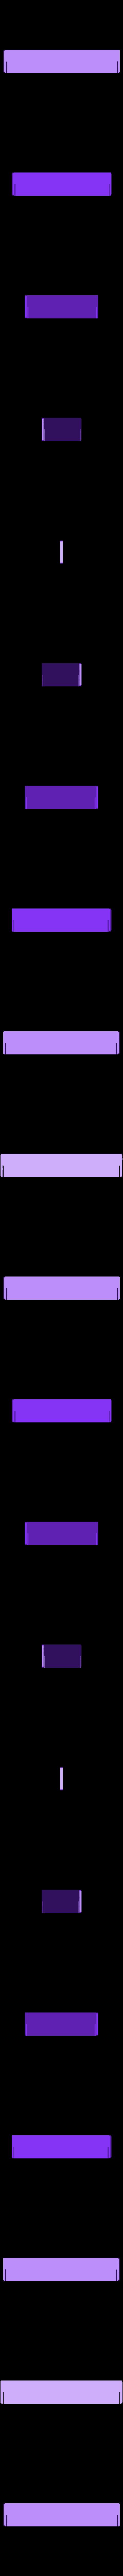 bureau5.STL Télécharger fichier STL gratuit Bureau  • Design pour impression 3D, maxgg